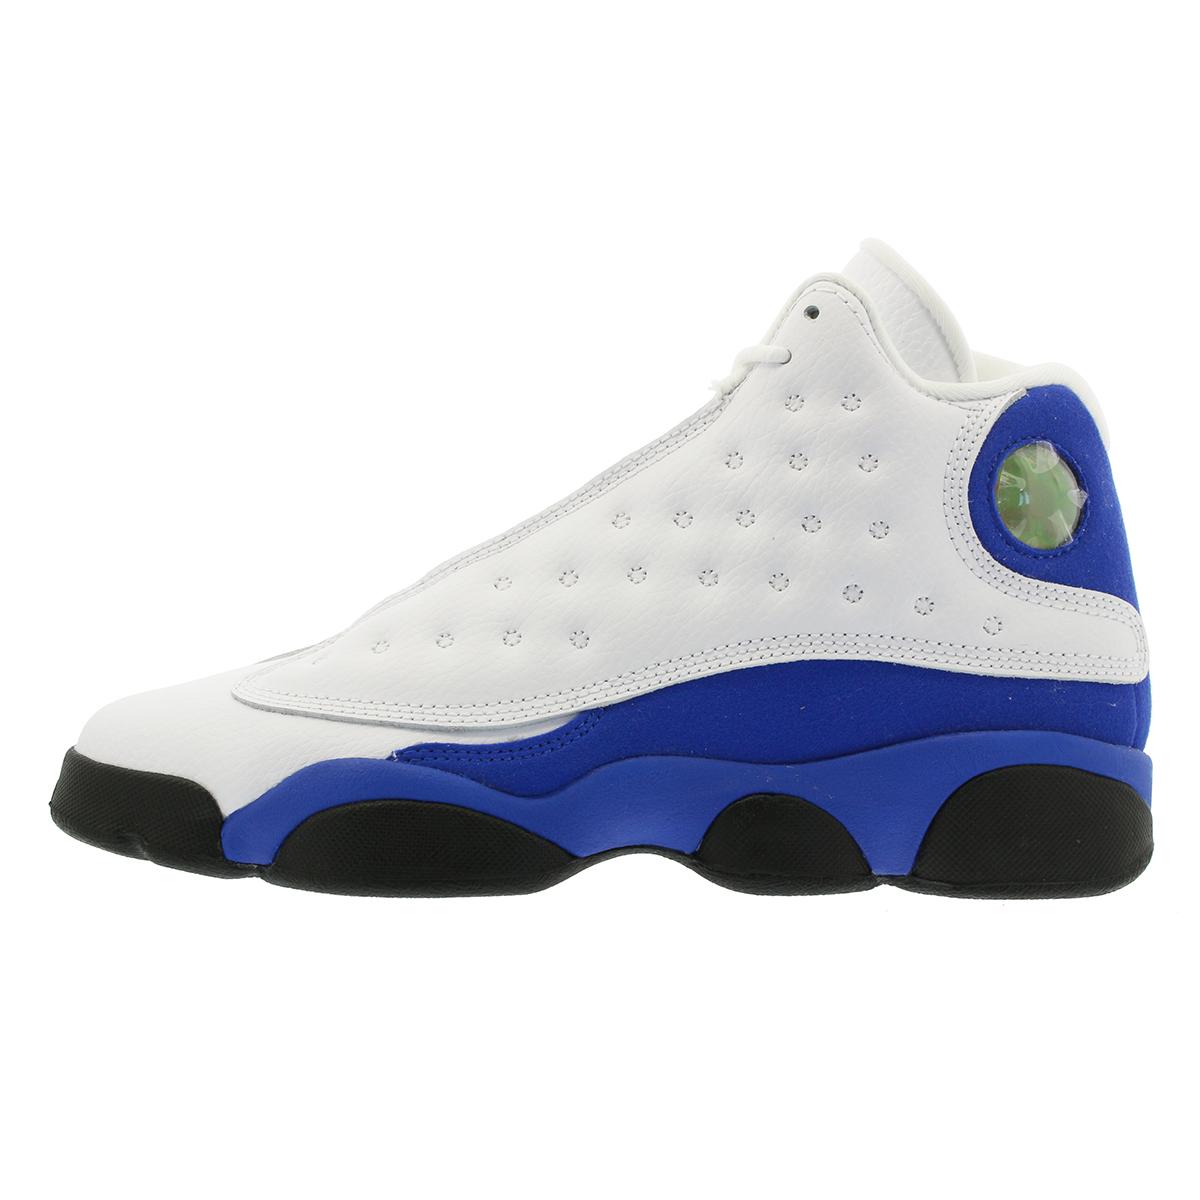 official photos ca87c bfaab NIKE AIR JORDAN 13 RETRO BG Nike Air Jordan 13 nostalgic WHITE/HYPER  ROYAL/BLACK